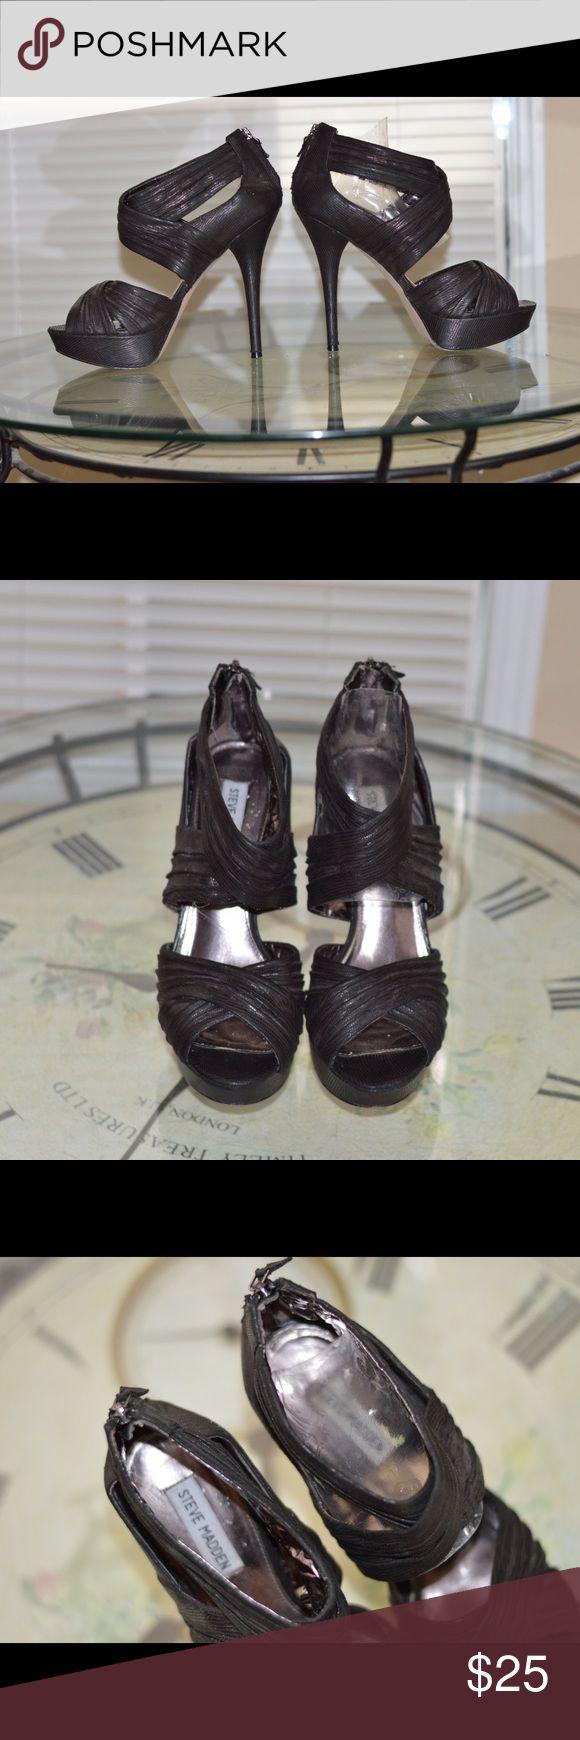 Steve Madden Black sparkle heels- 10 Steve Madden black heels with pink metallic lining inside. Size 10 Steve Madden Shoes Heels